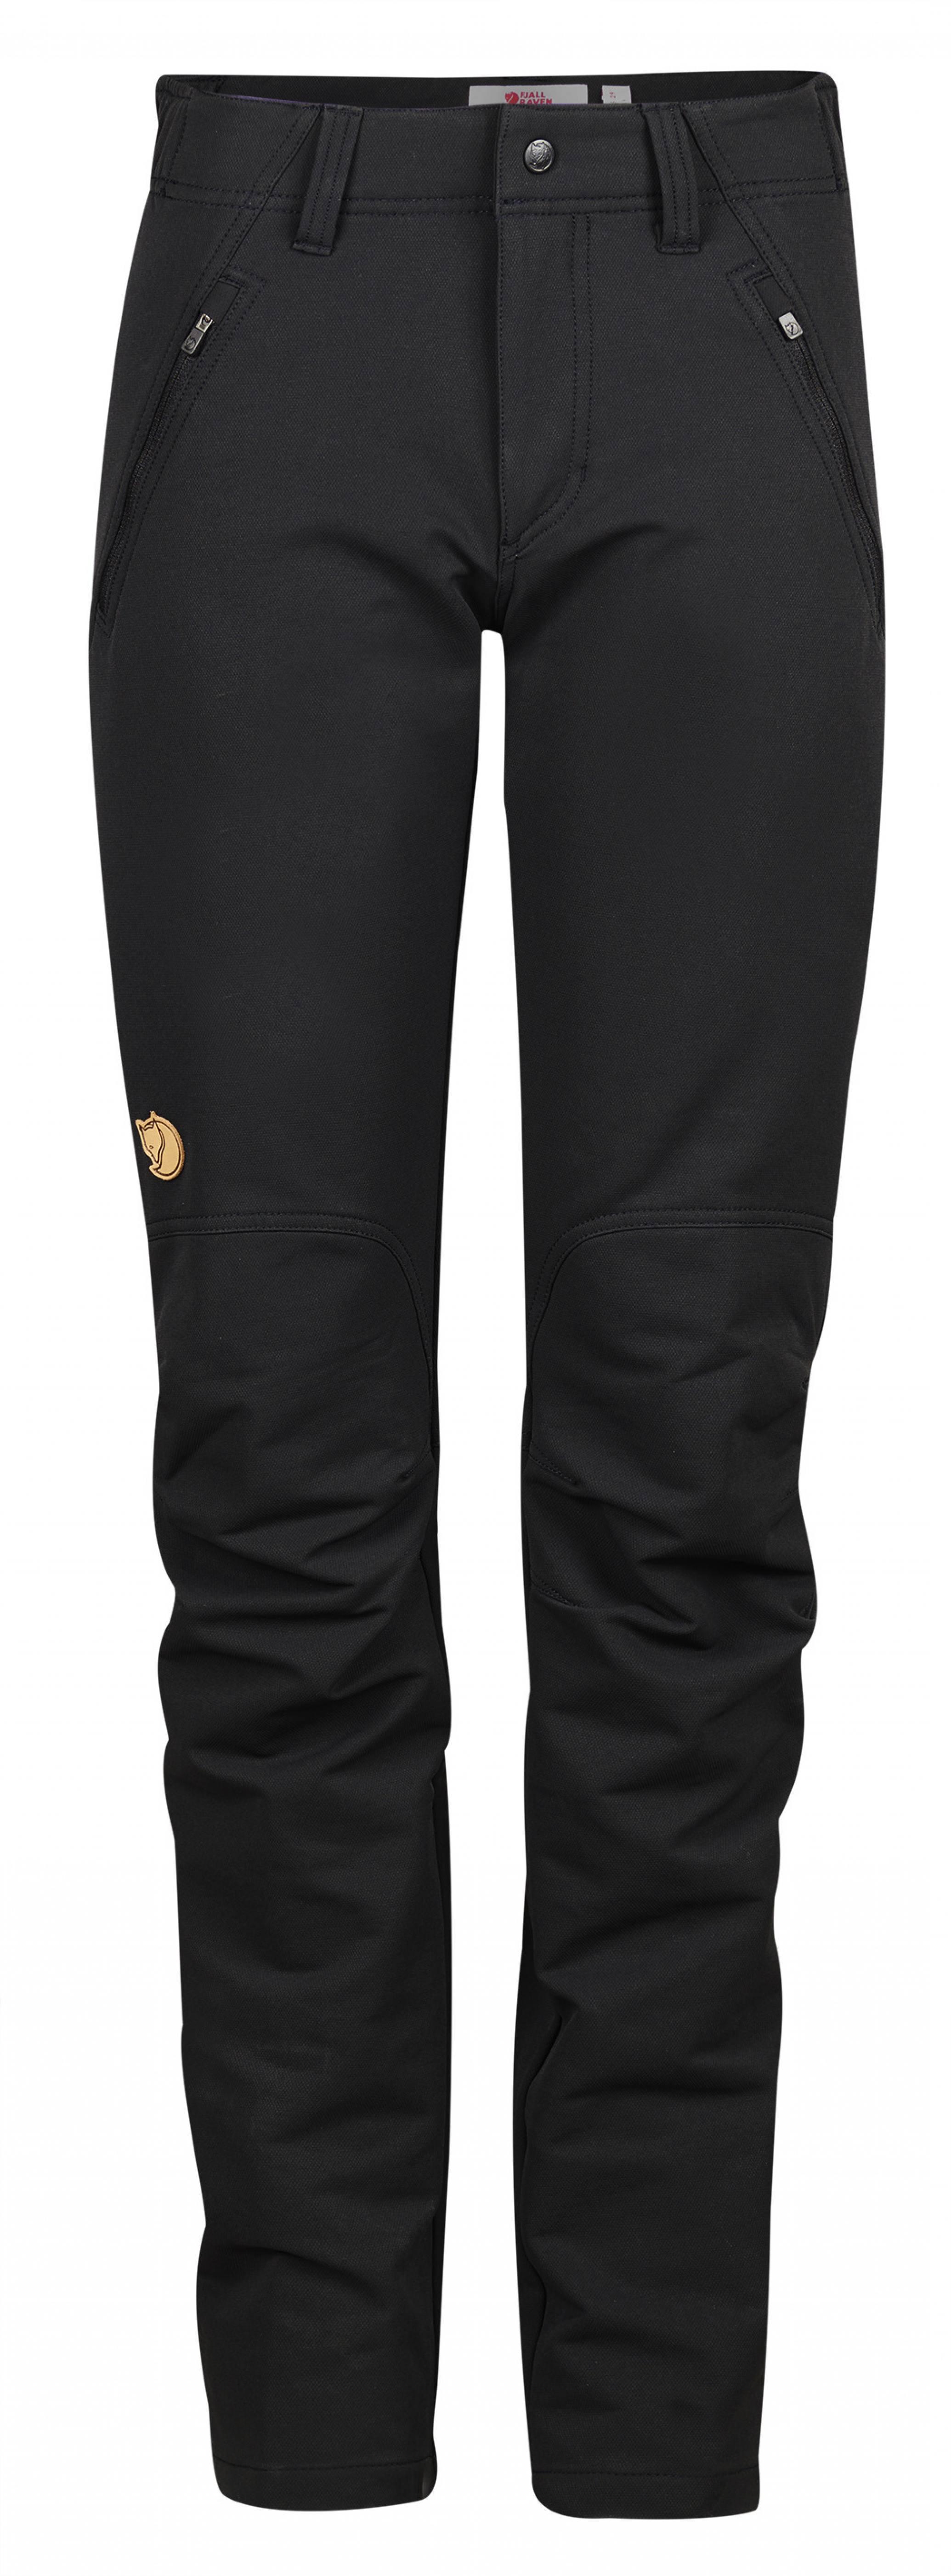 Oulu Trousers W Musta 36